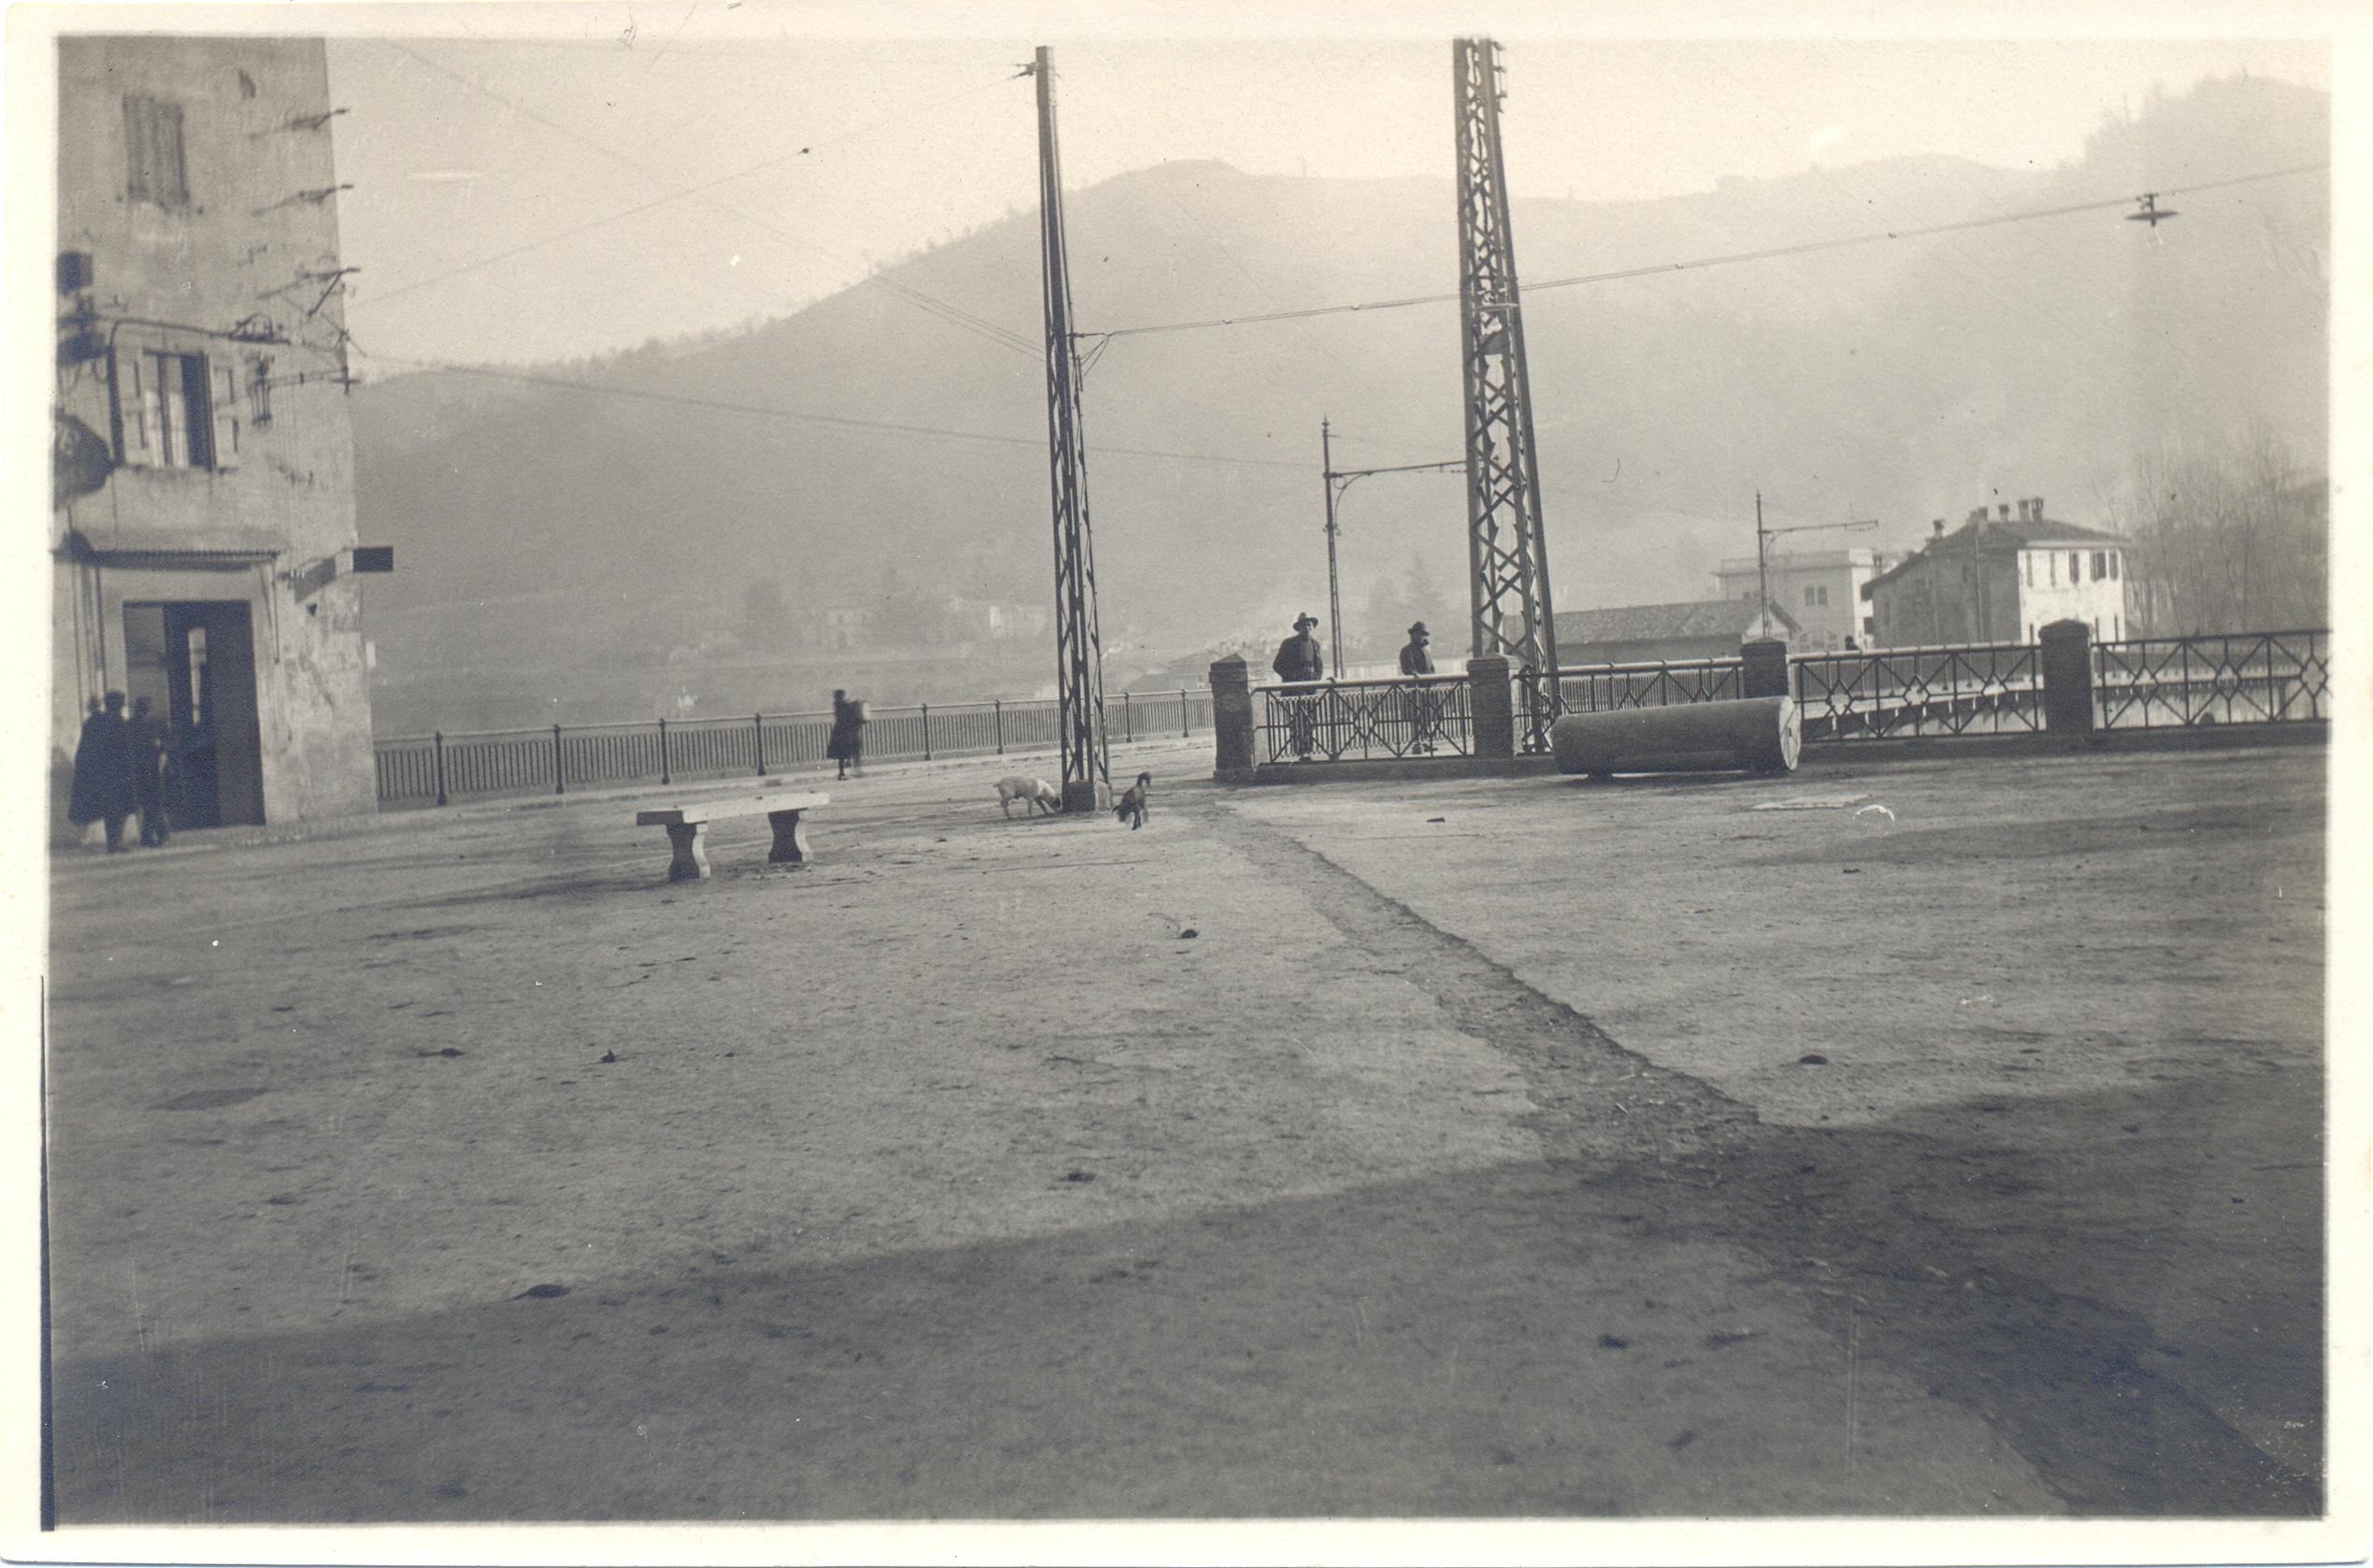 La nuova Piazza Umberto I, sulla sinistra l'angolo della Fondazza, sullo sfondo Casa Ferri (Collezione M. Neri)